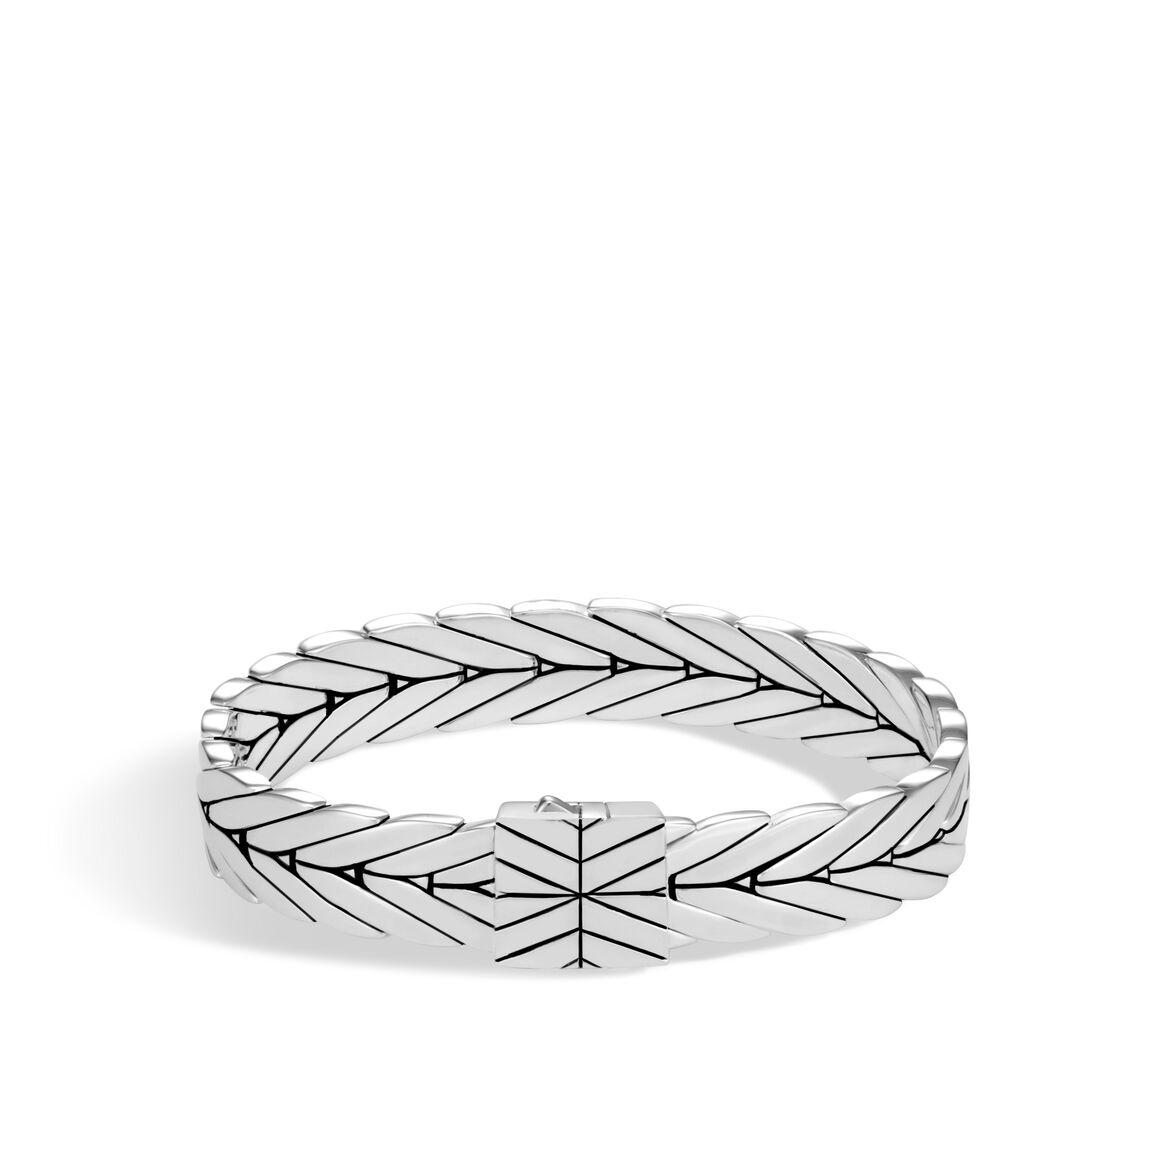 Modern Chain 11MM Bracelet in Silver